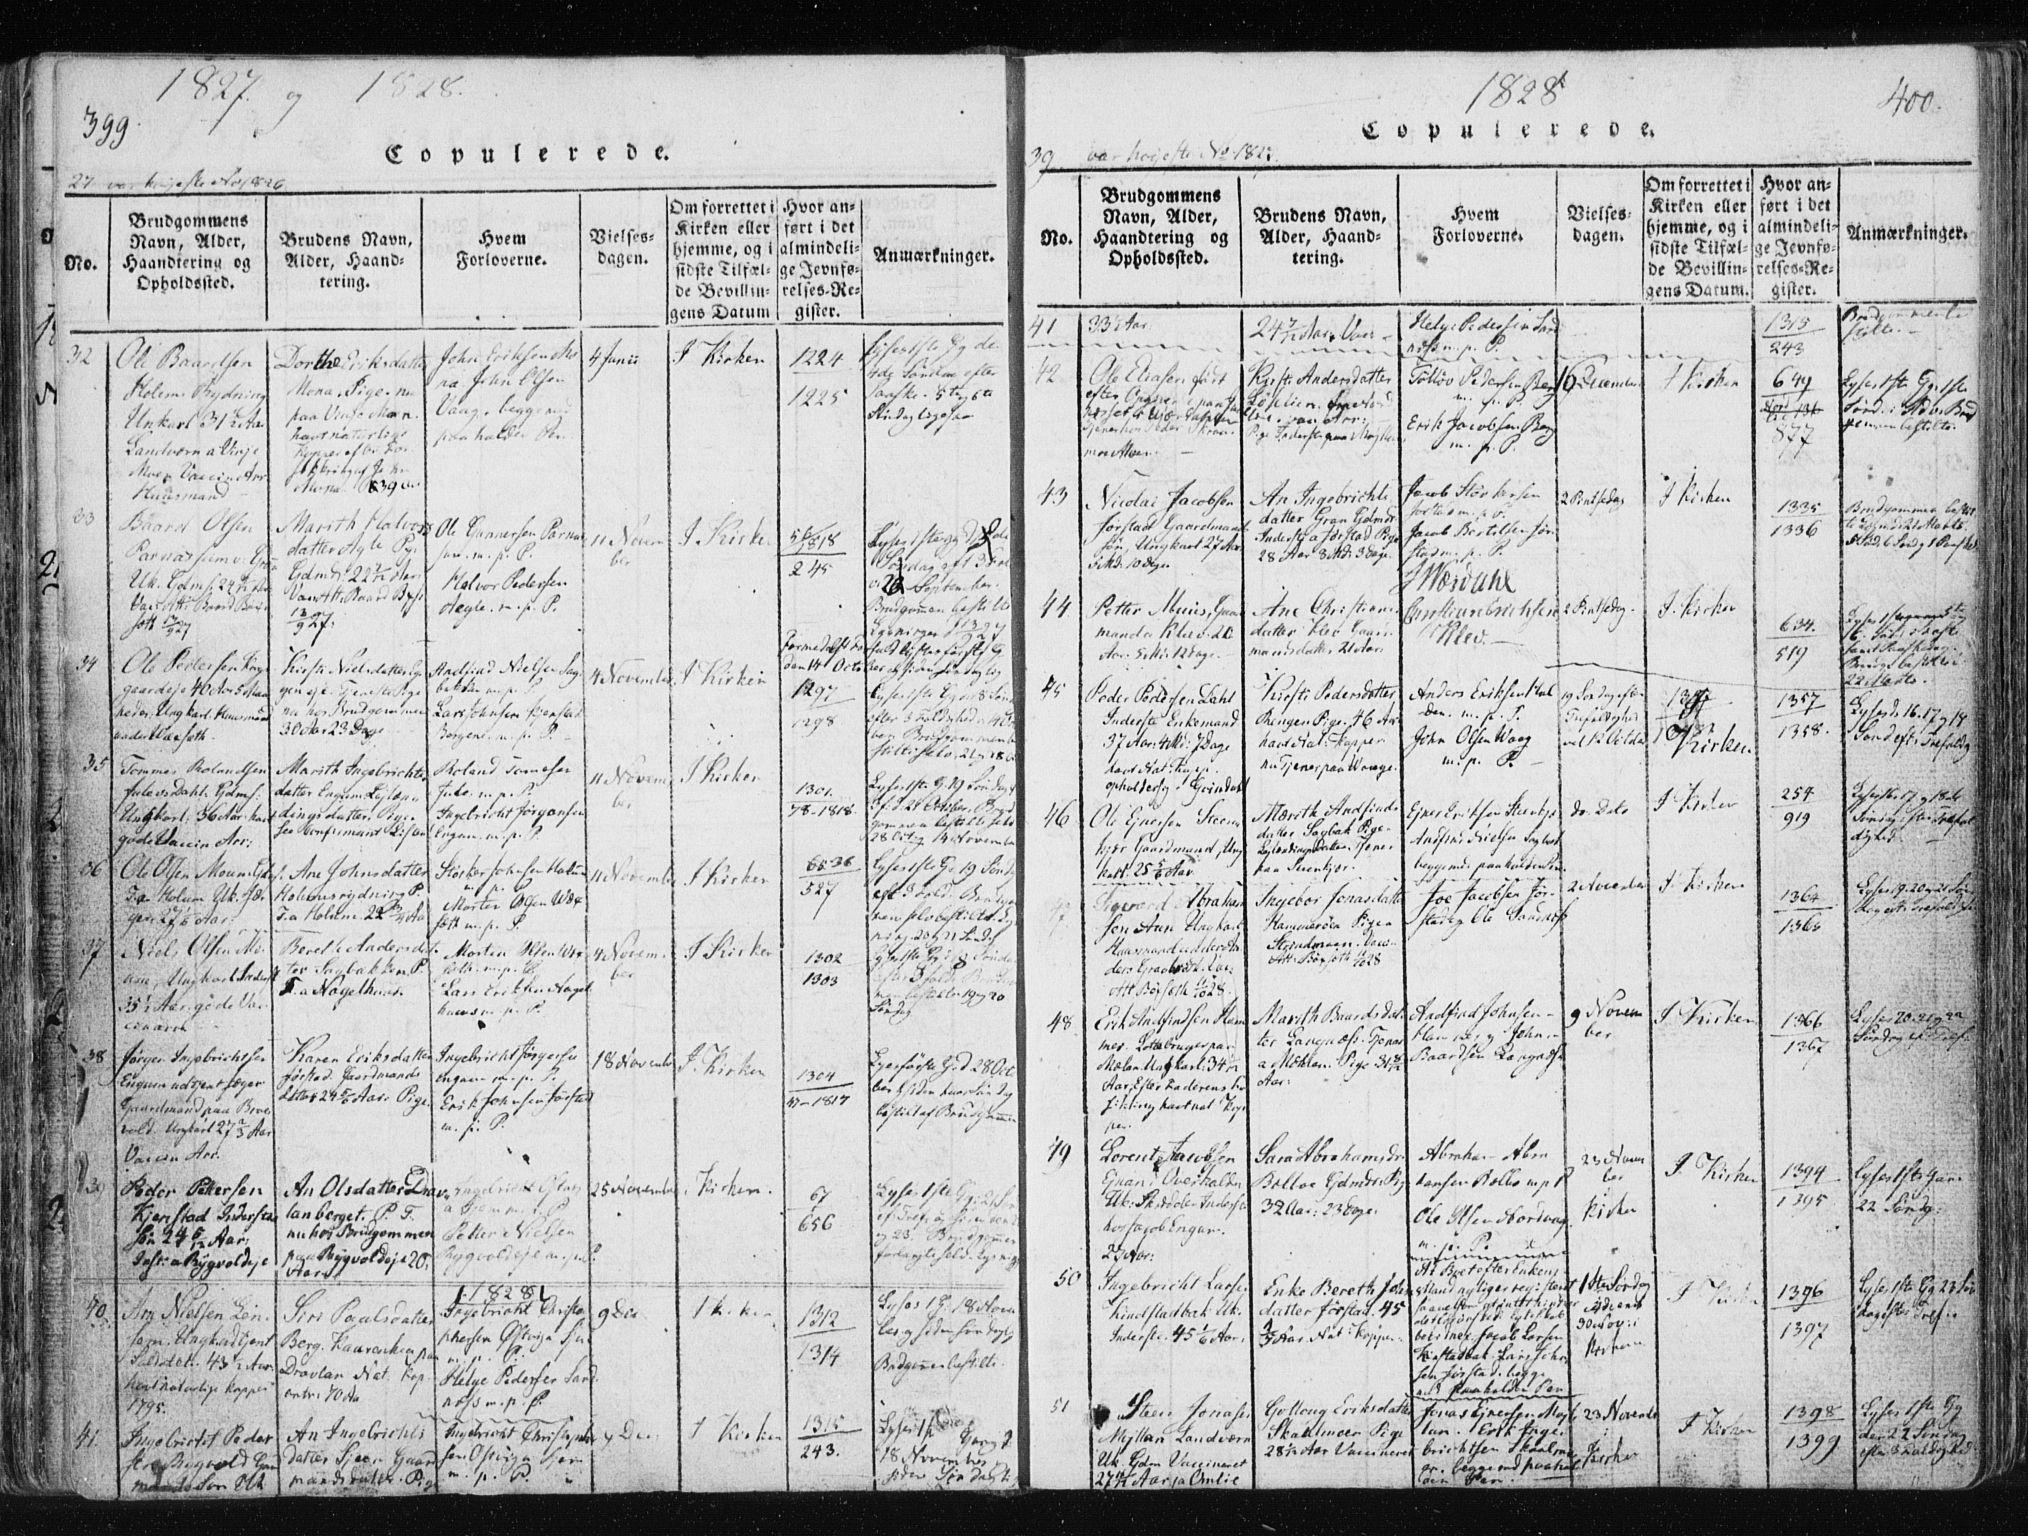 SAT, Ministerialprotokoller, klokkerbøker og fødselsregistre - Nord-Trøndelag, 749/L0469: Ministerialbok nr. 749A03, 1817-1857, s. 399-400